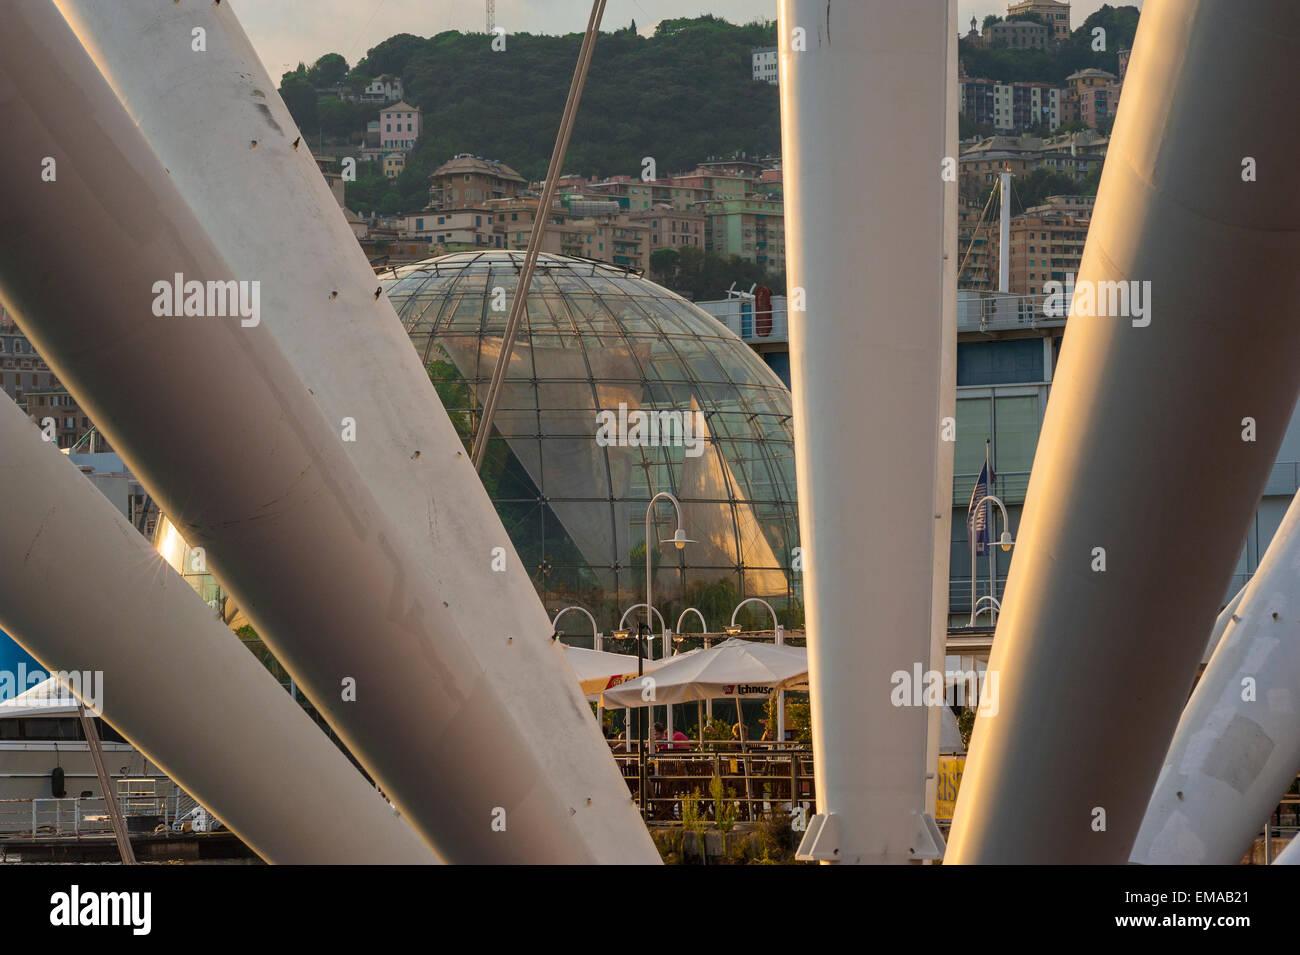 Bigo biosphere Genoa,view of the Renzo Piano designed Biosfera seen between the struts of il Bigo in the harbor - Stock Image